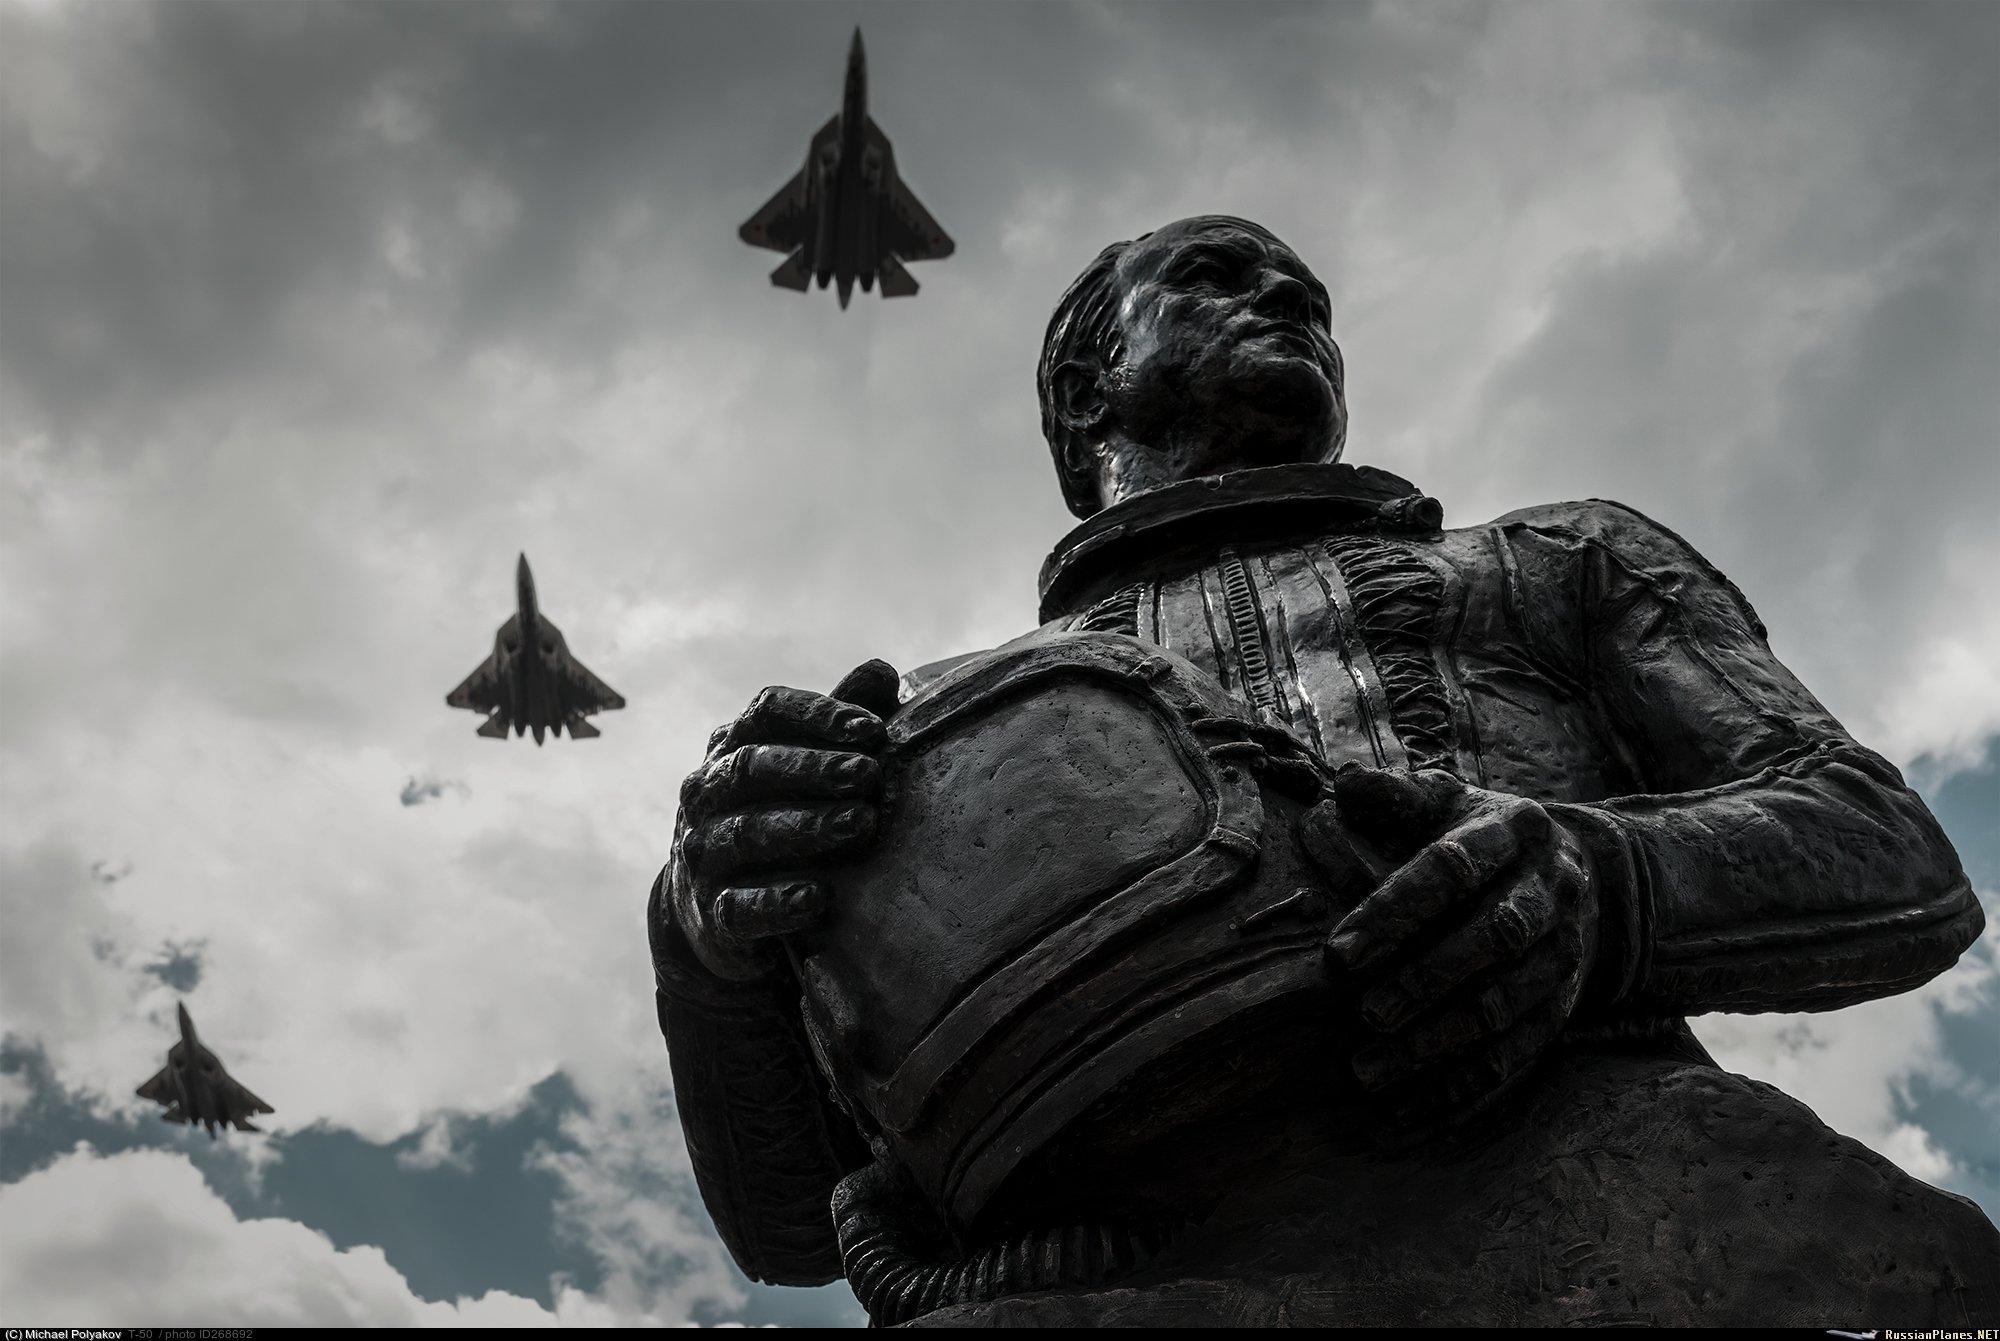 الدفاع الروسية تنشر صورا للعرض العسكري التجريبي الخاص باحتفالات عيد النصر EbTBINoXgAEgRO2?format=jpg&name=large